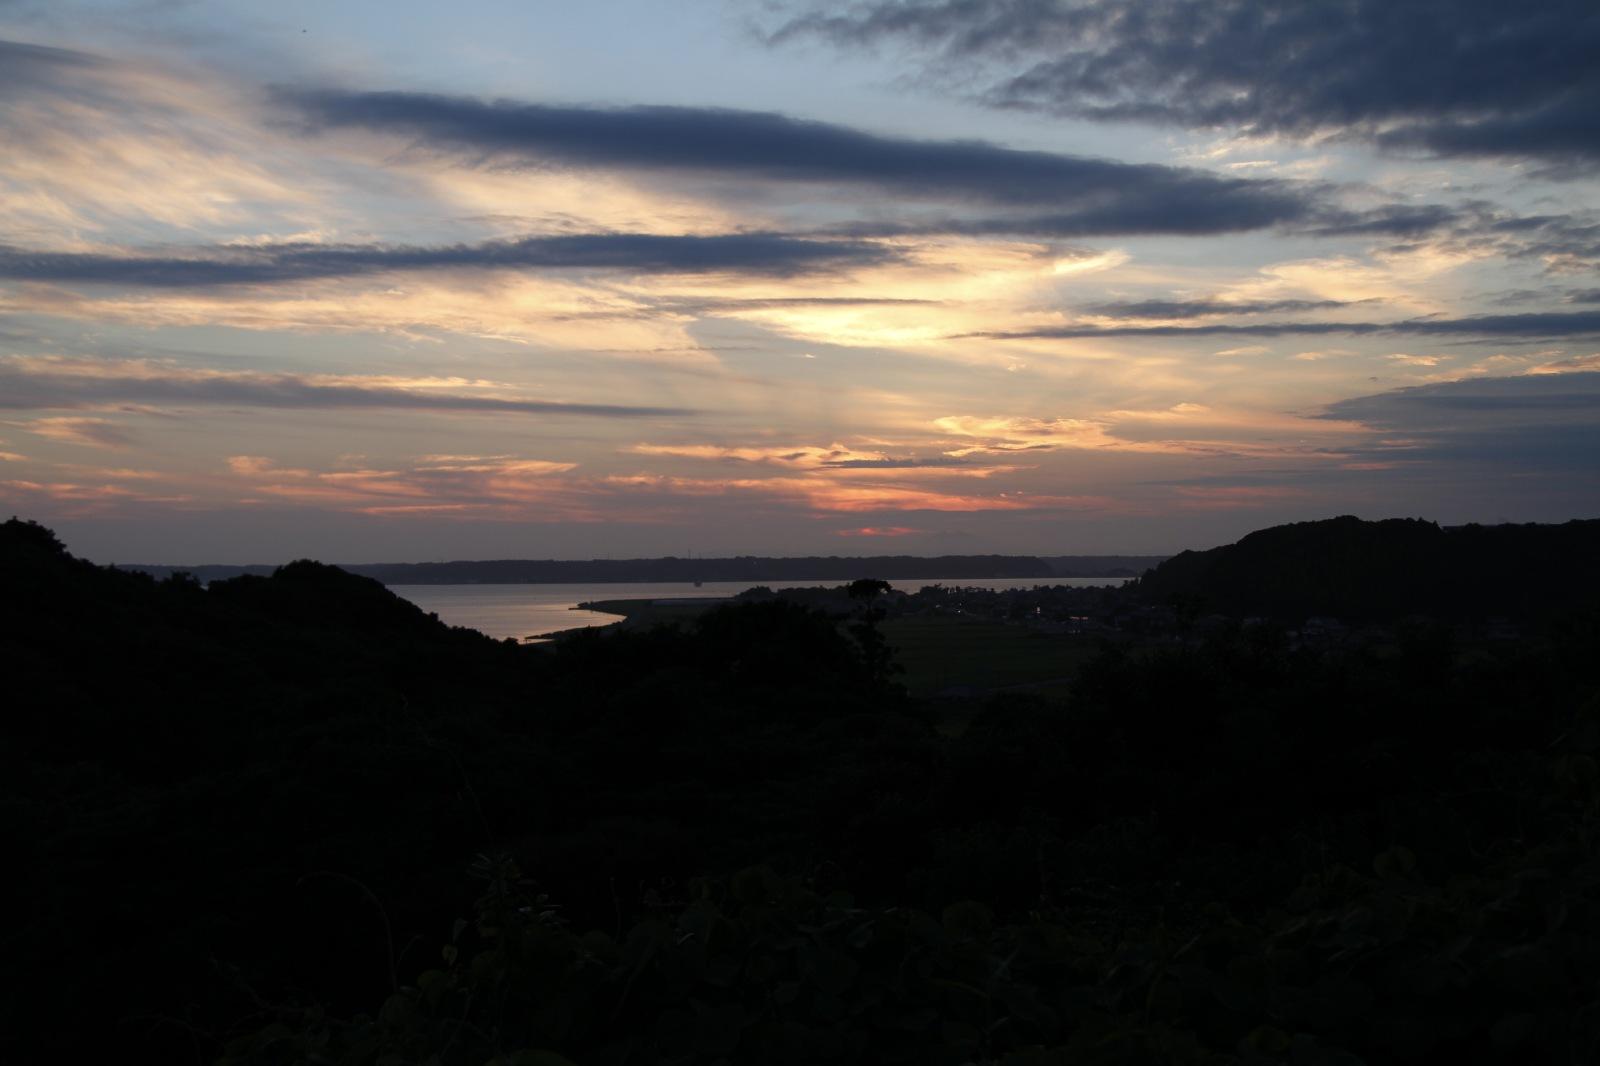 Beautiful sunset at Kasumigaura